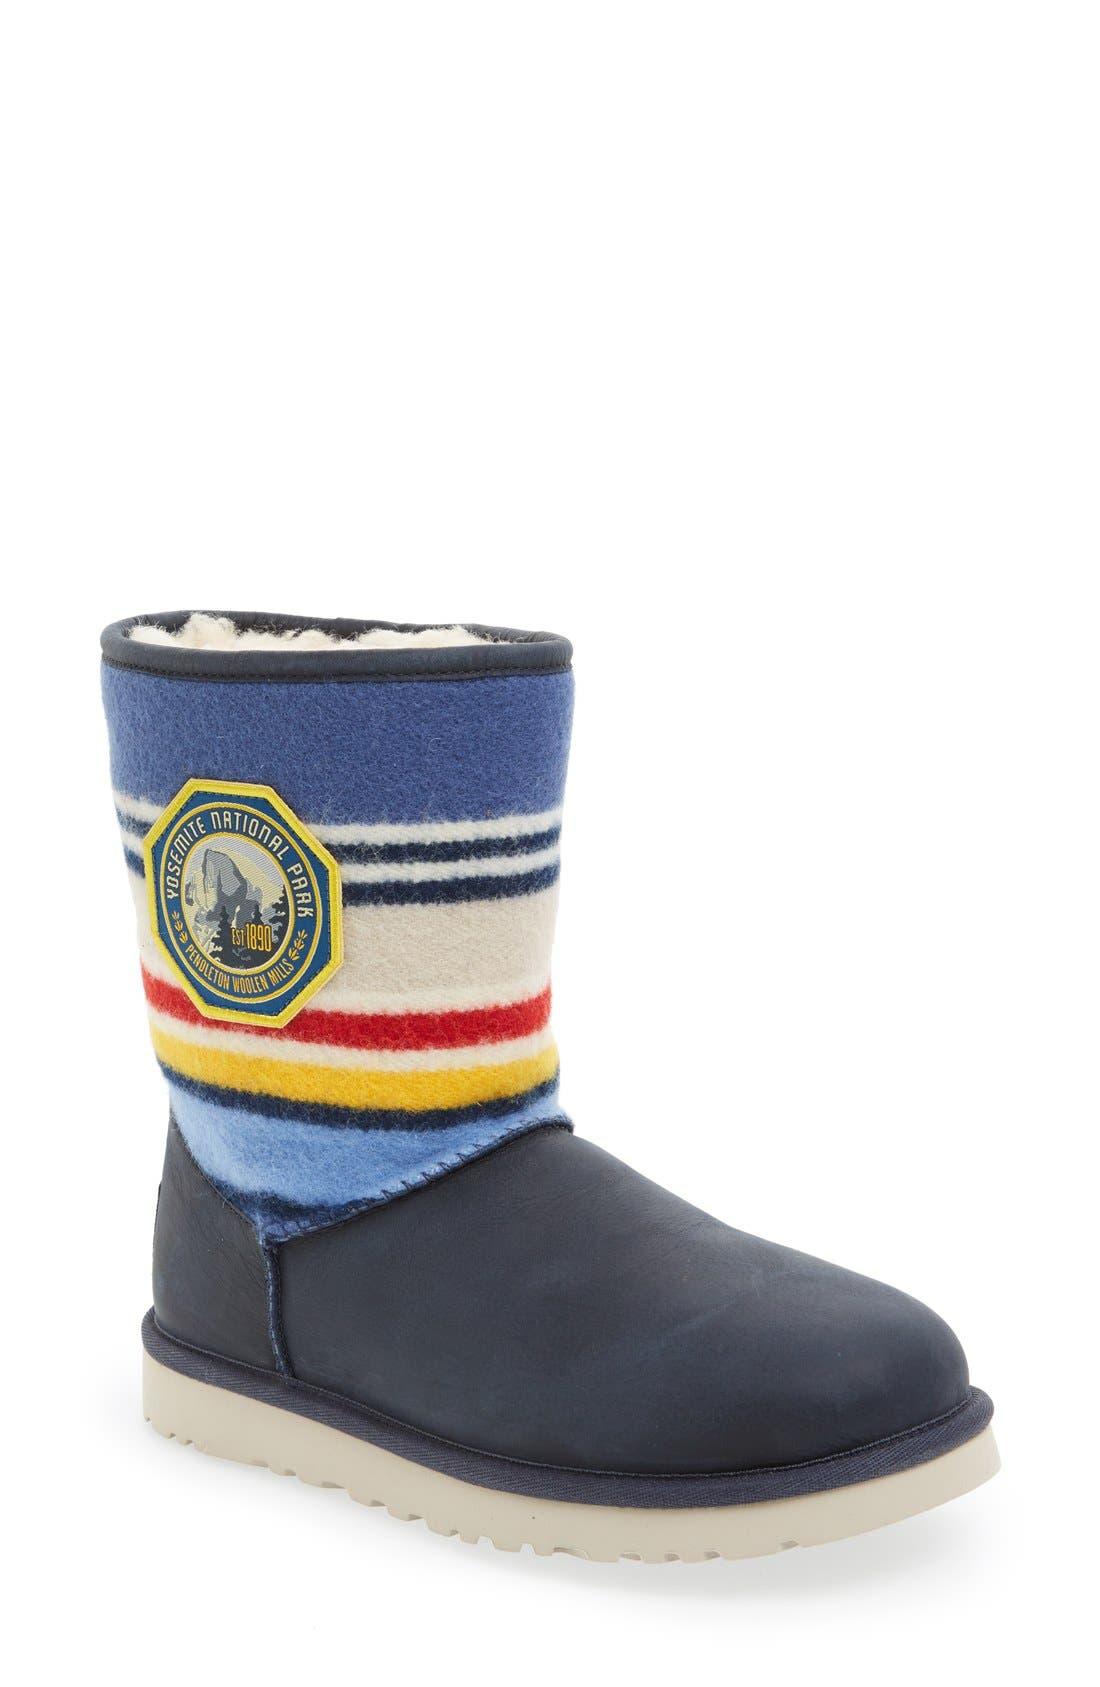 x Pendleton 'Classic Short - Yosemite' Boot,                             Main thumbnail 1, color,                             400